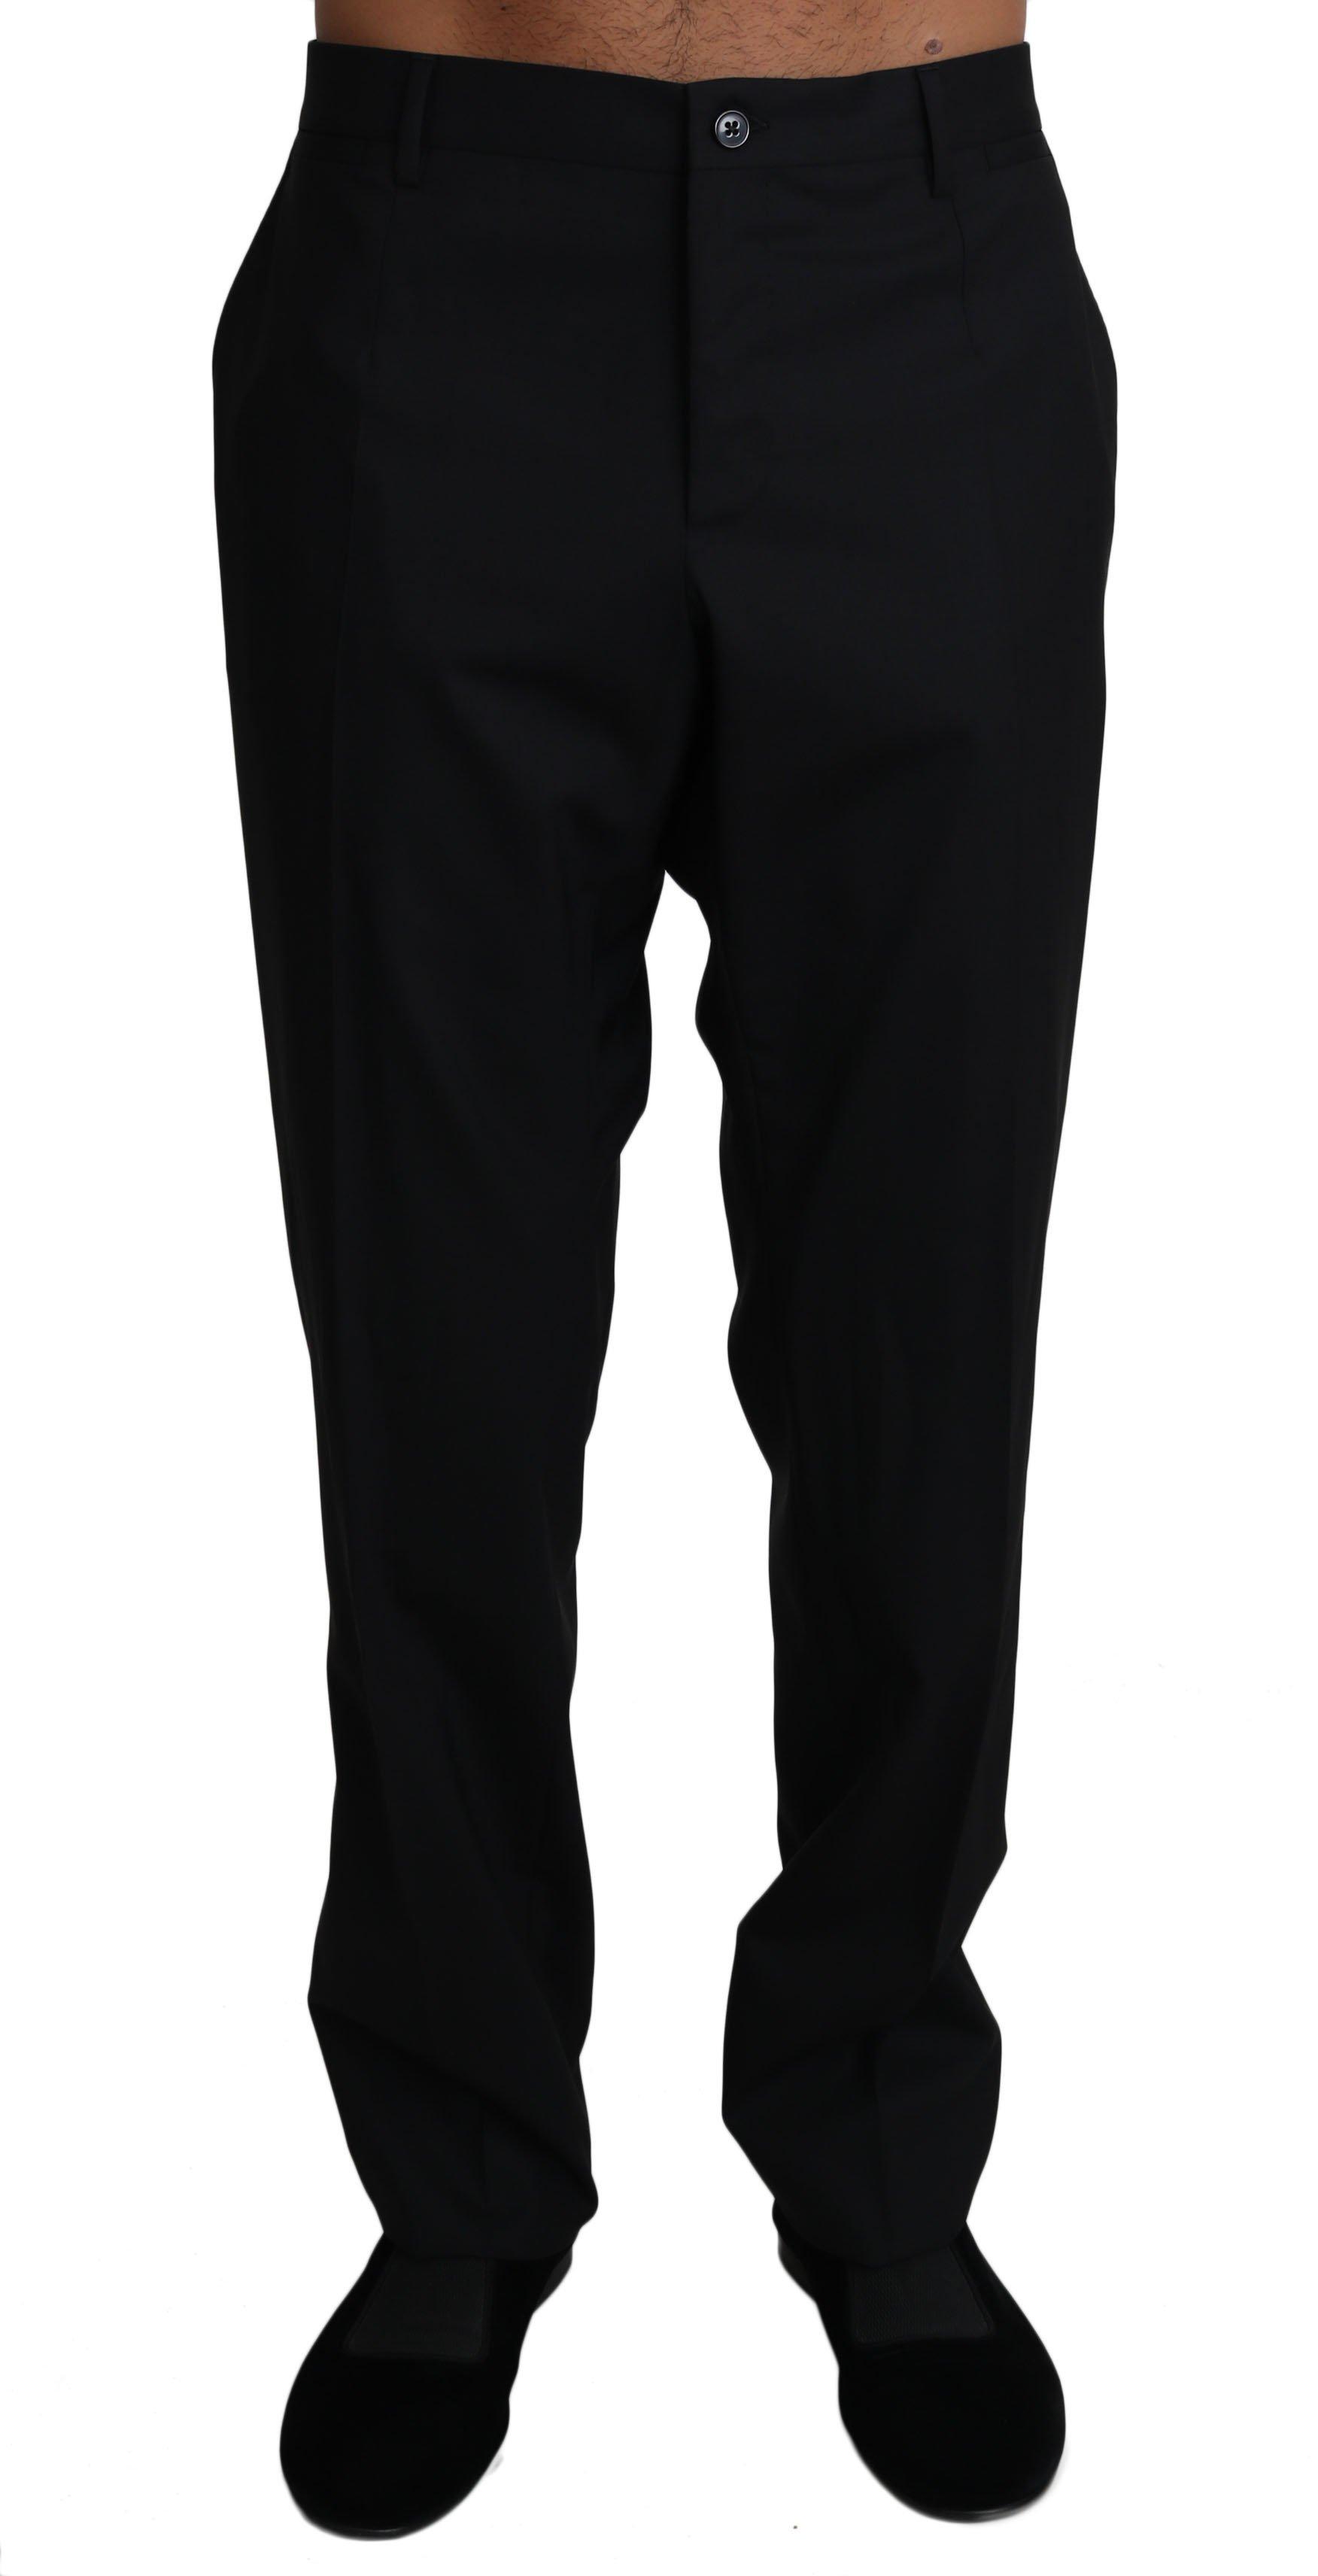 Dolce & Gabbana Men's Wool Stretch Dress Trousers Trouser Black PAN61130 - IT54 | XXL